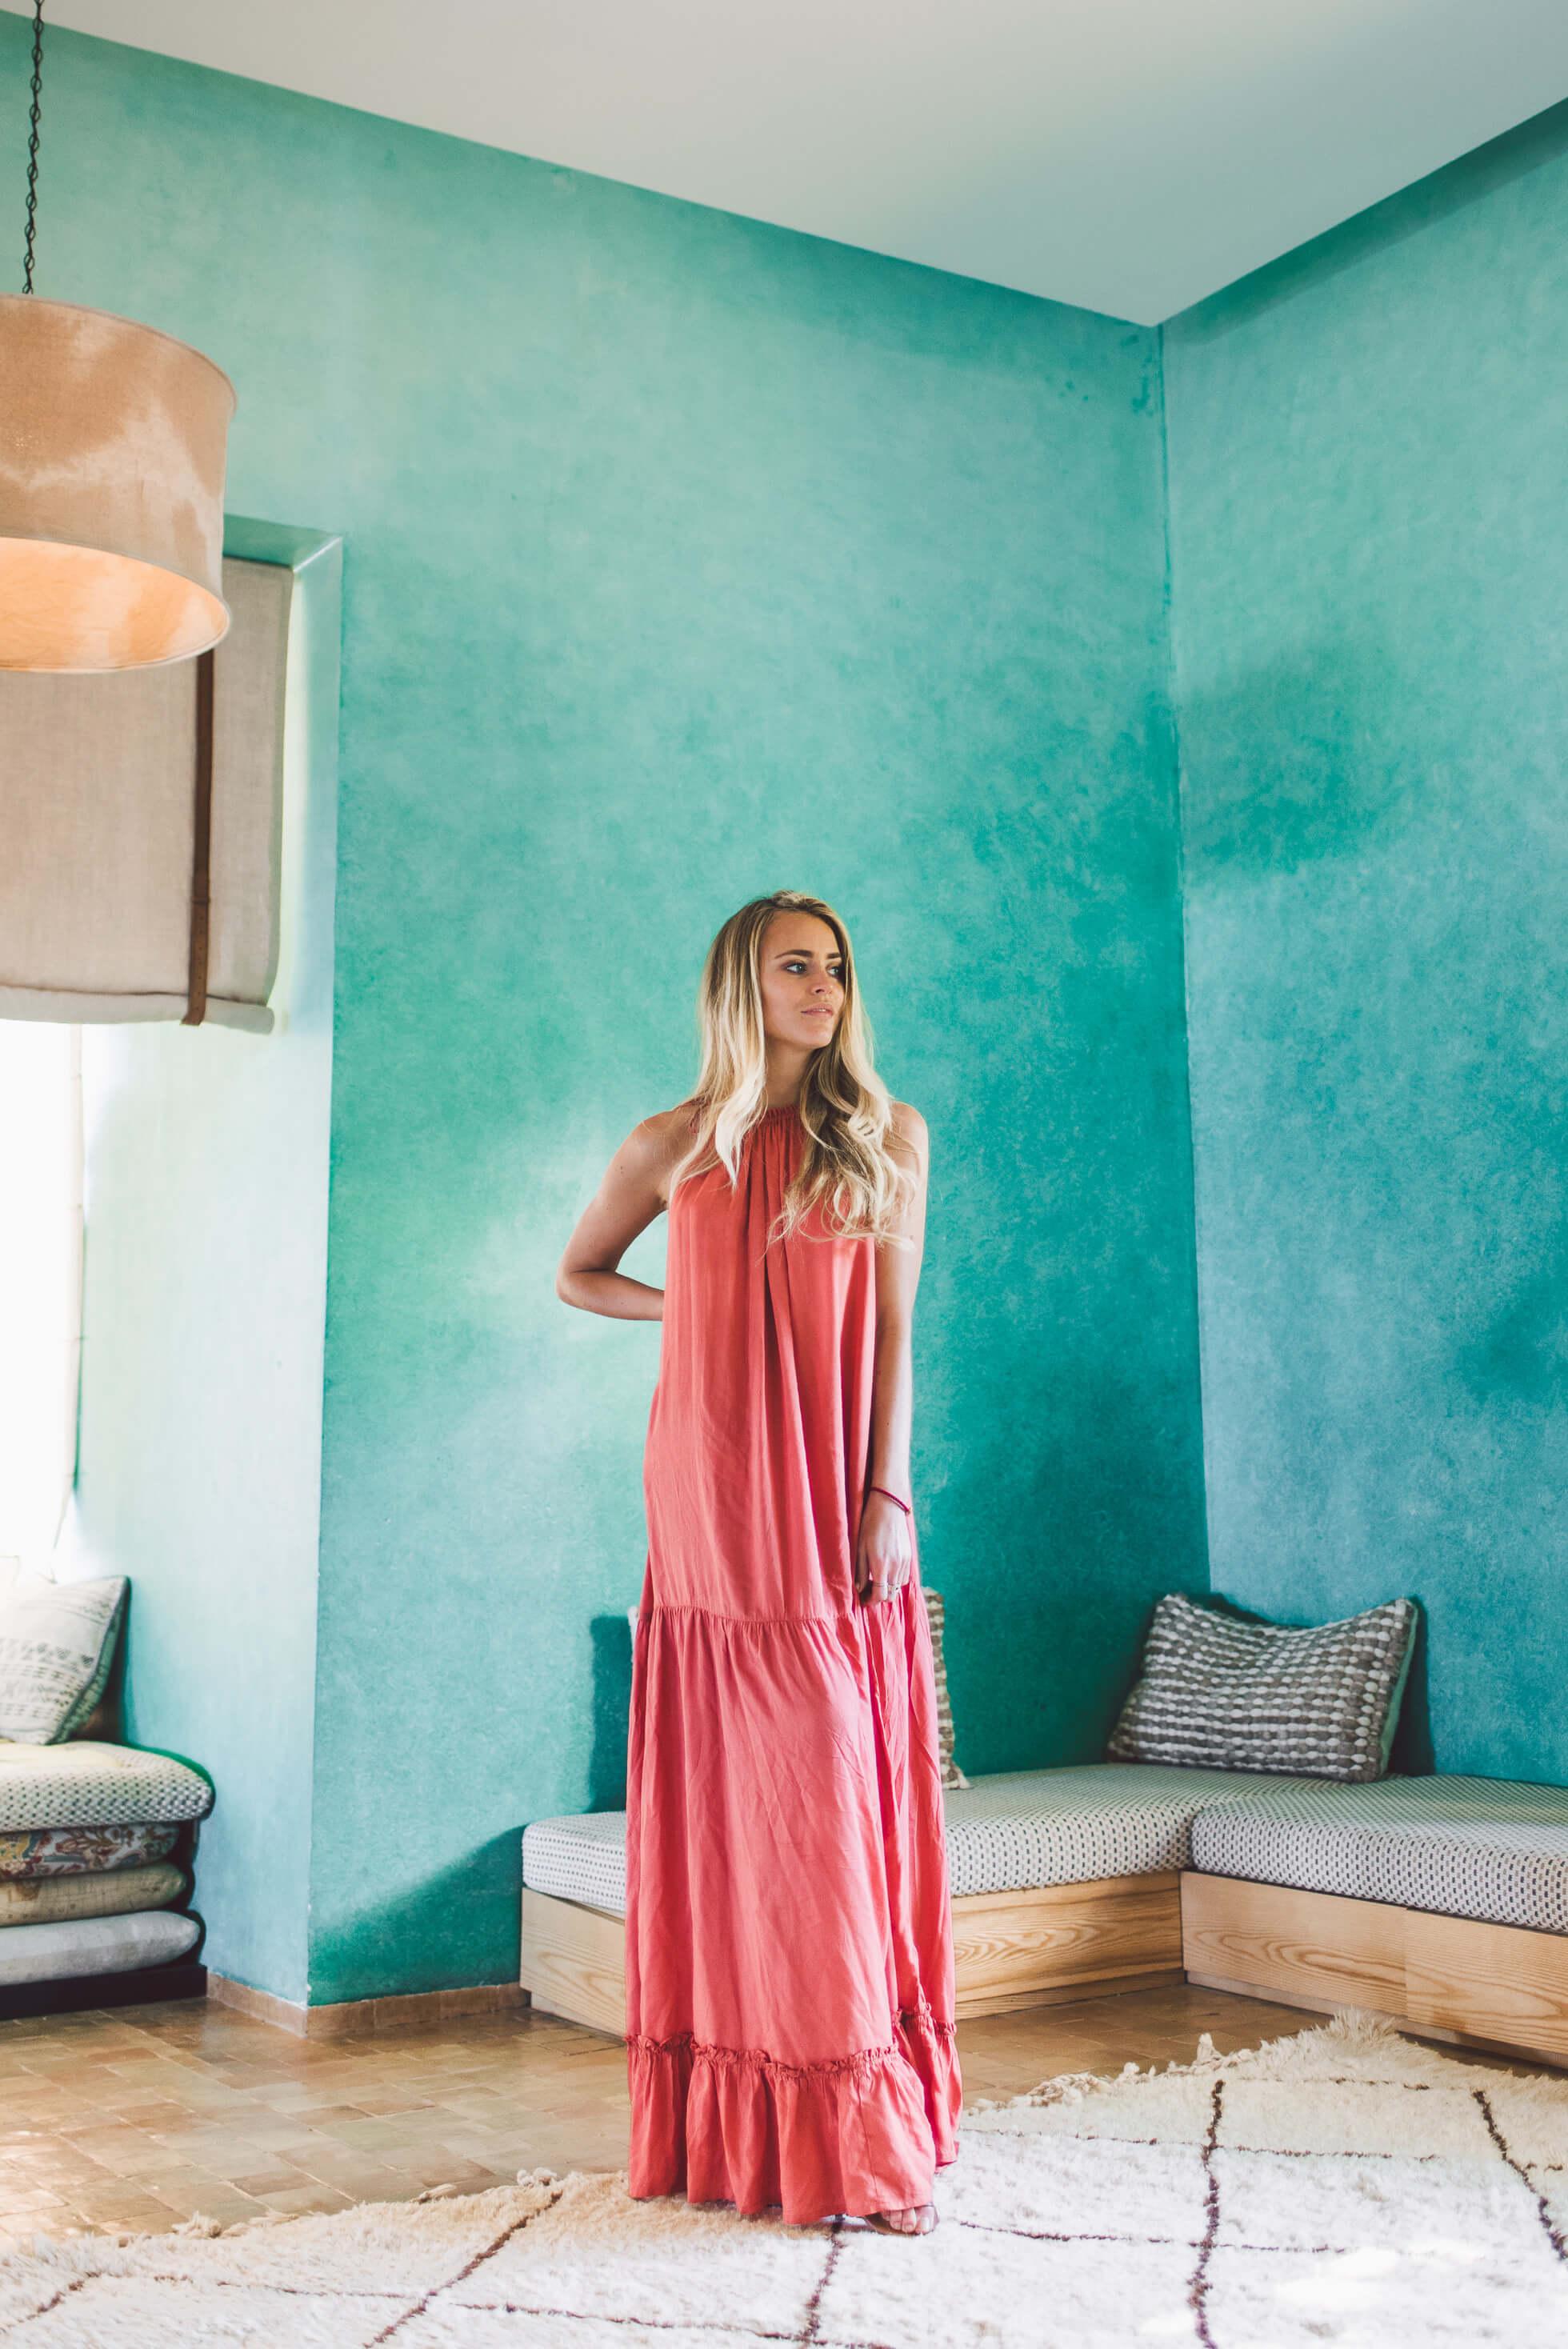 janni-deler-comfy-dressDSC_0691